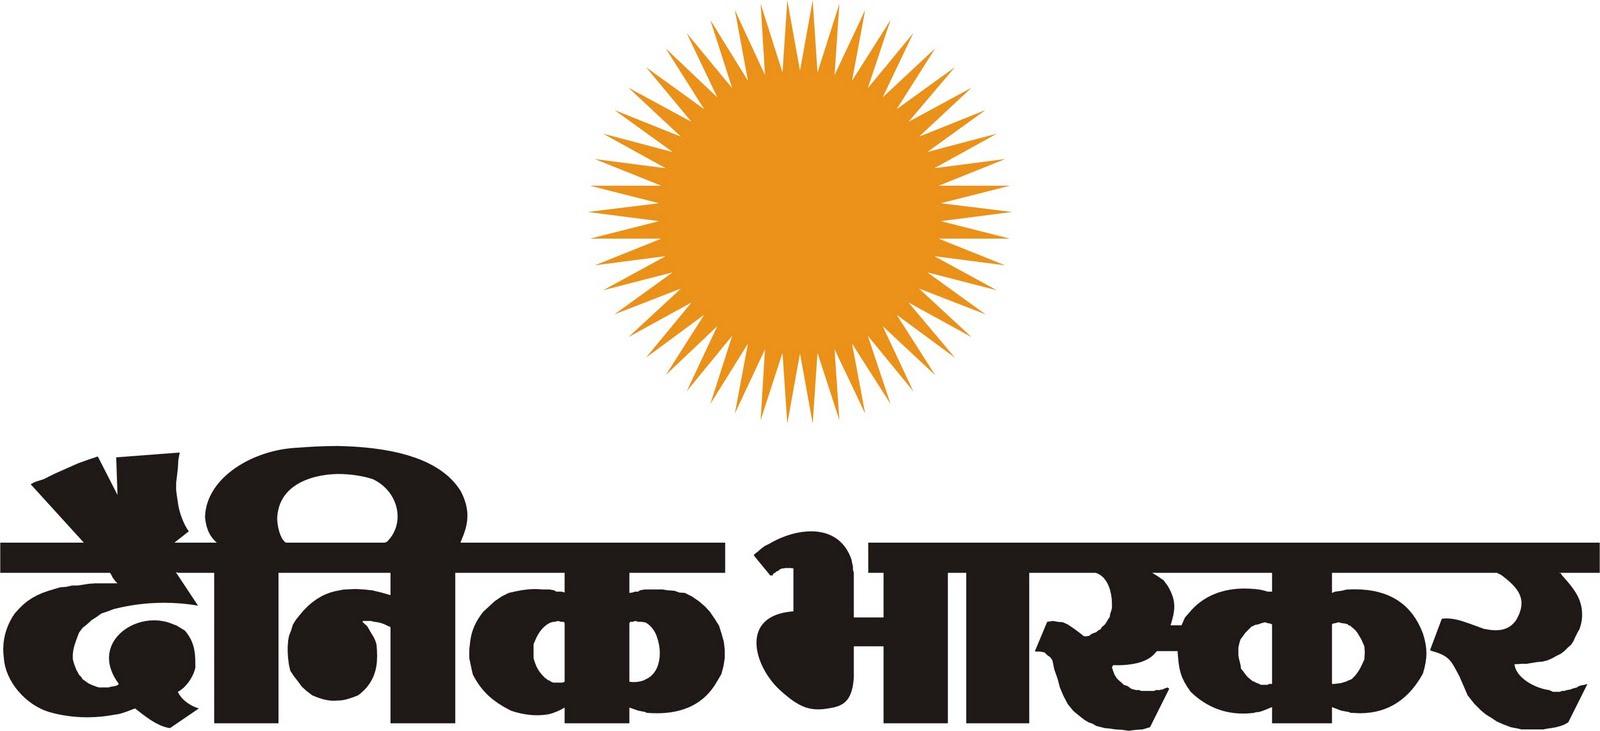 Dainik Bhaskar - Hindi News Image